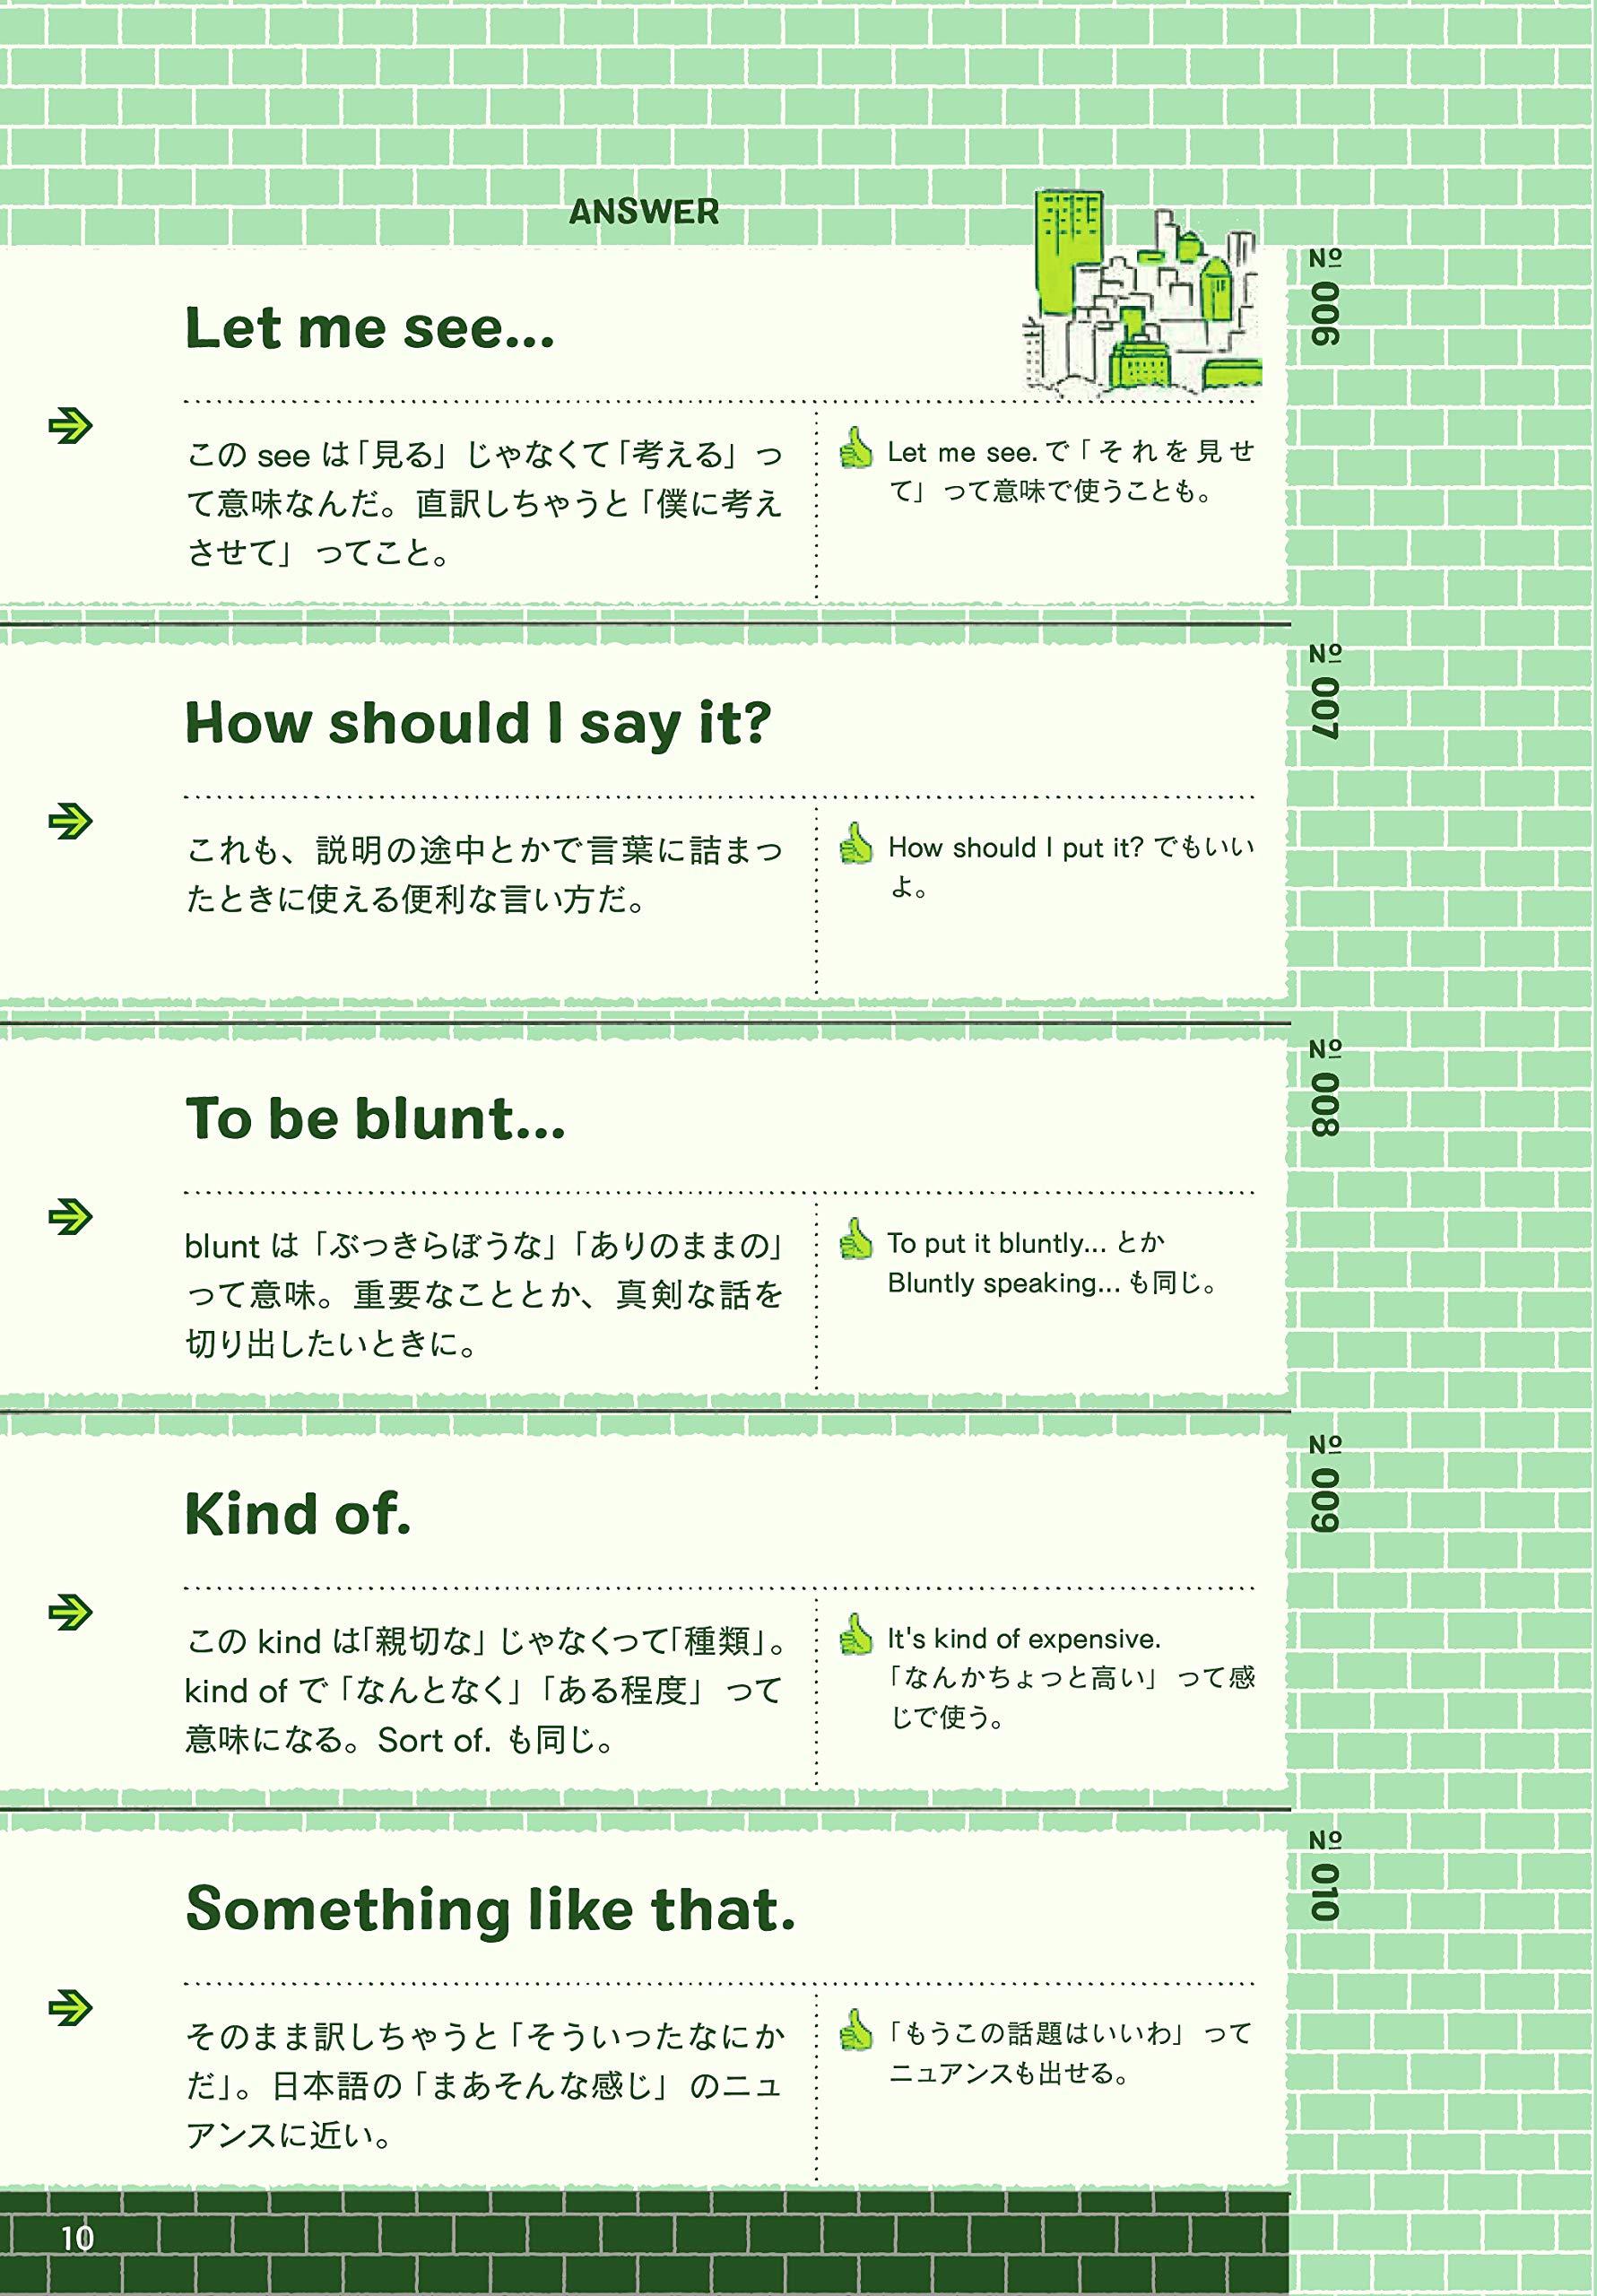 タメ語 英語